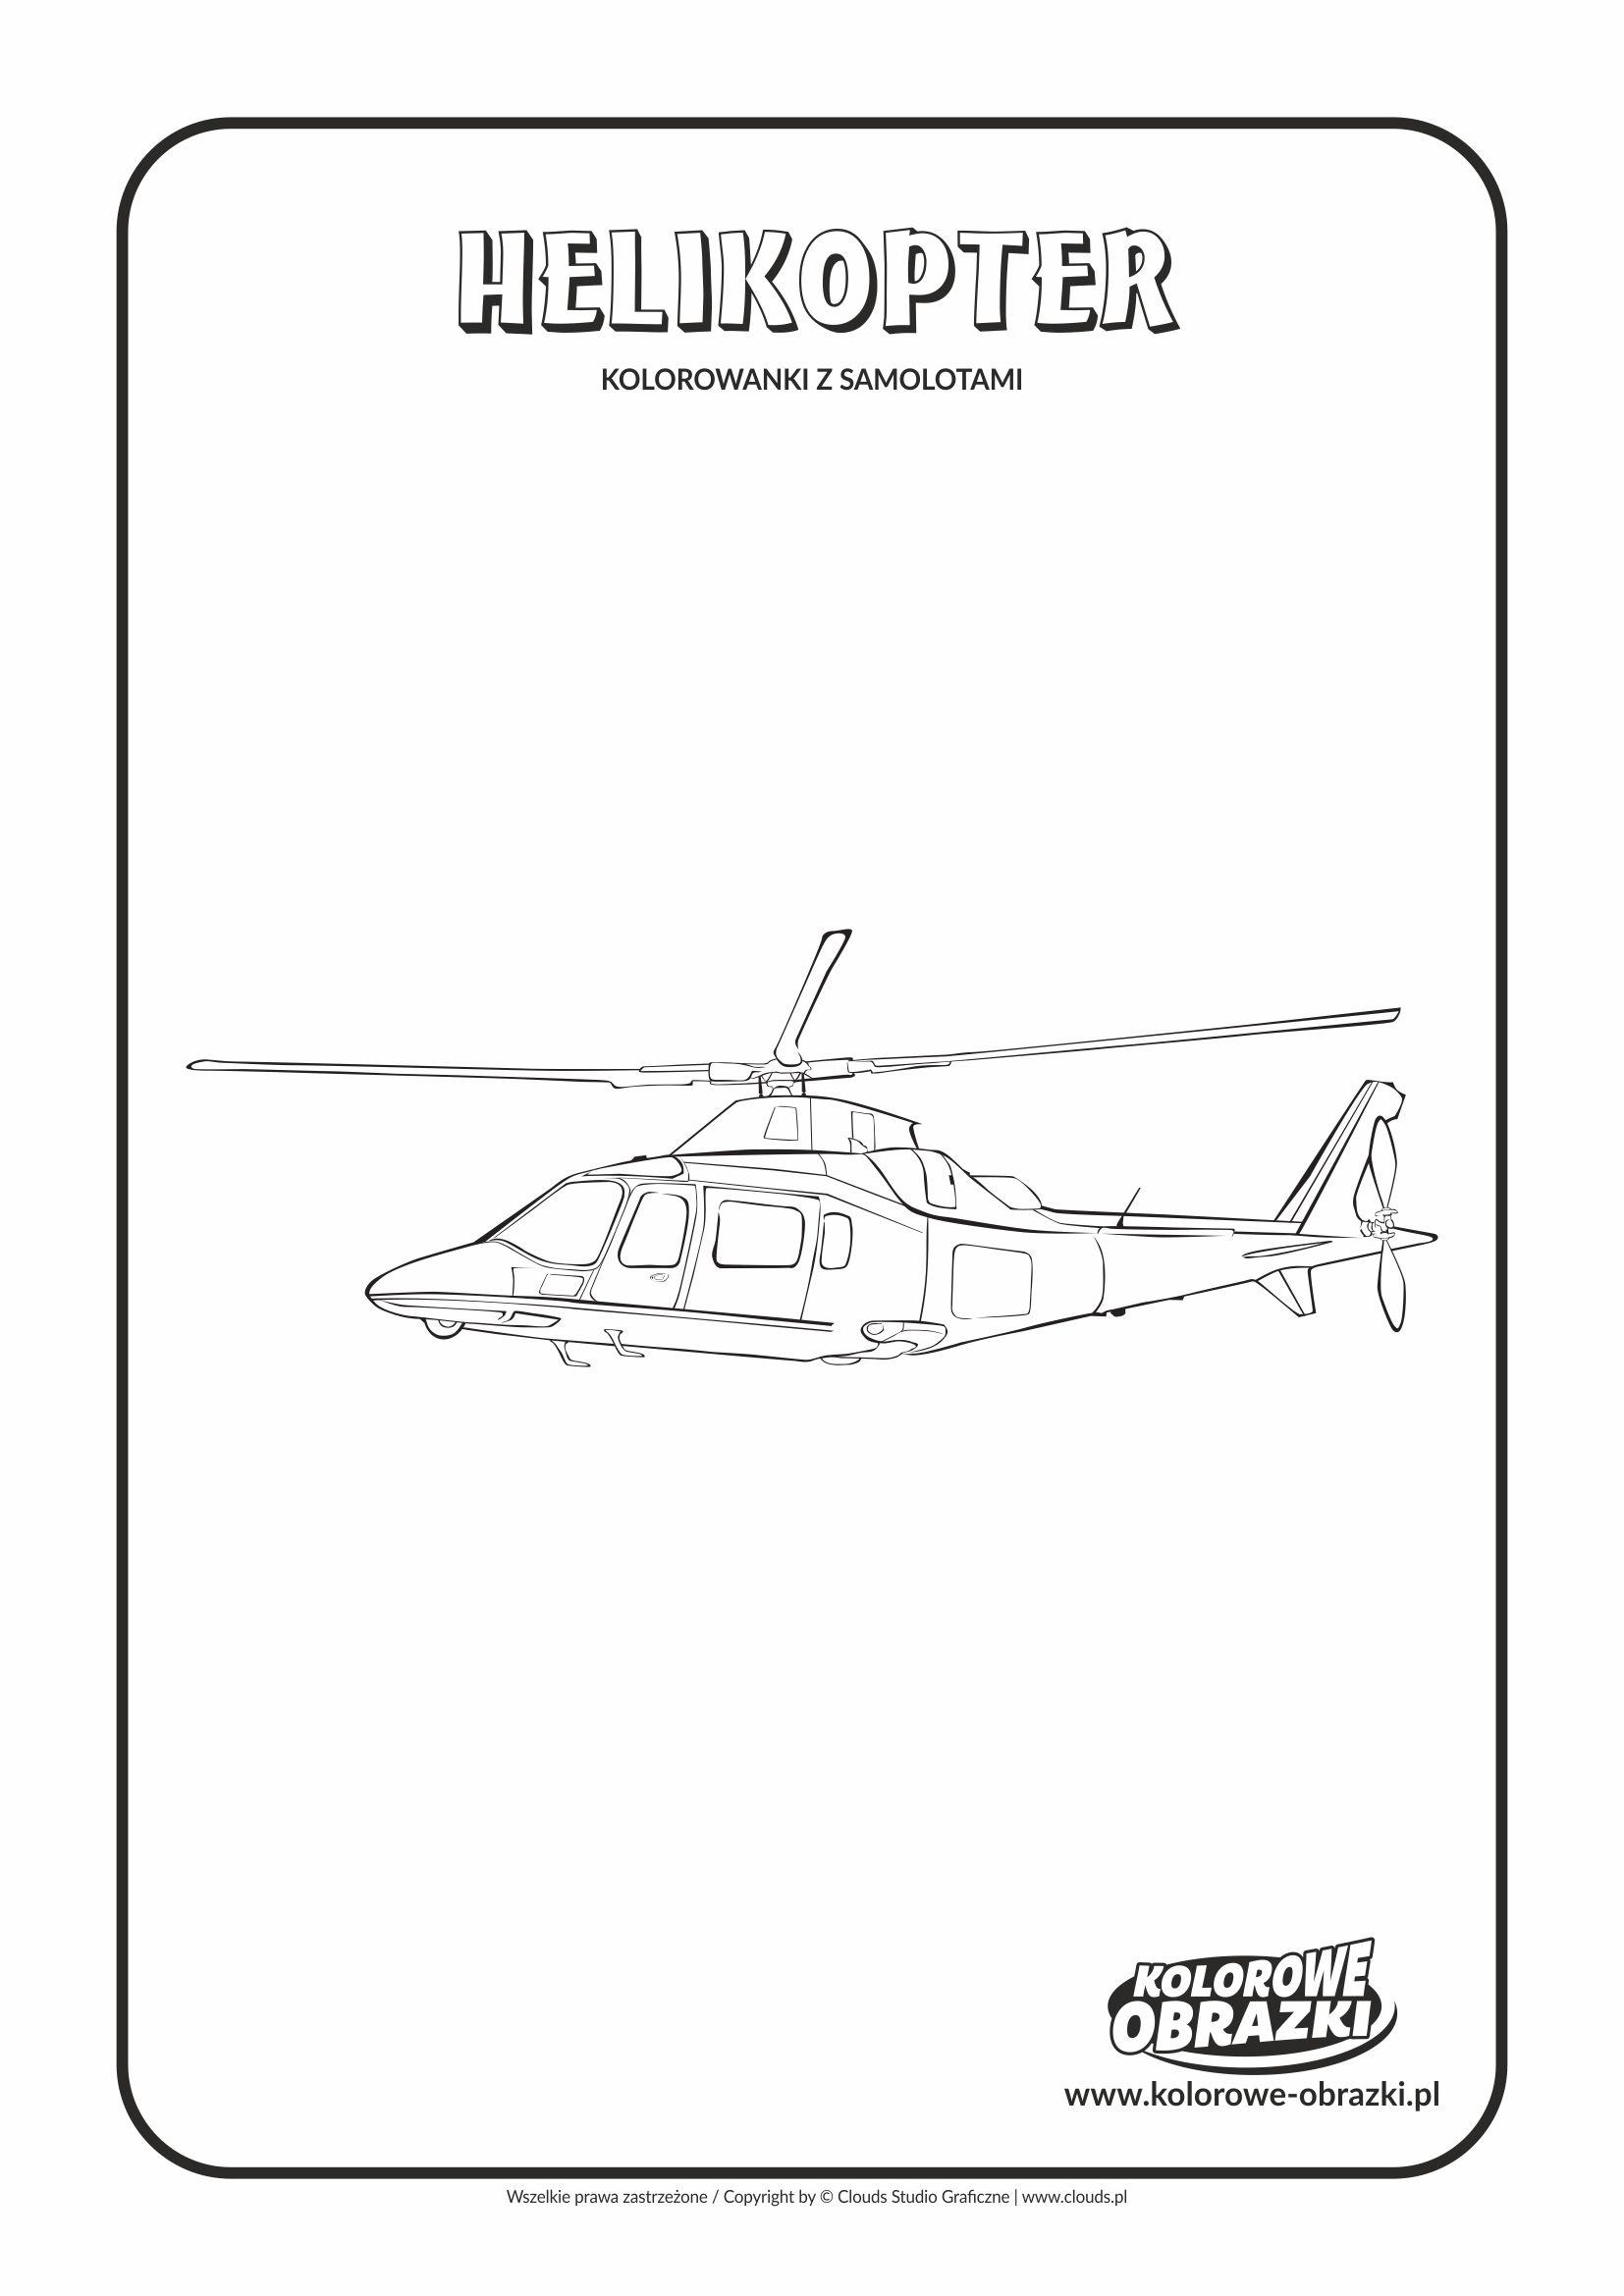 Kolorowanki dla dzieci - Pojazdy / Helikopter. Kolorowanka z helikopterem